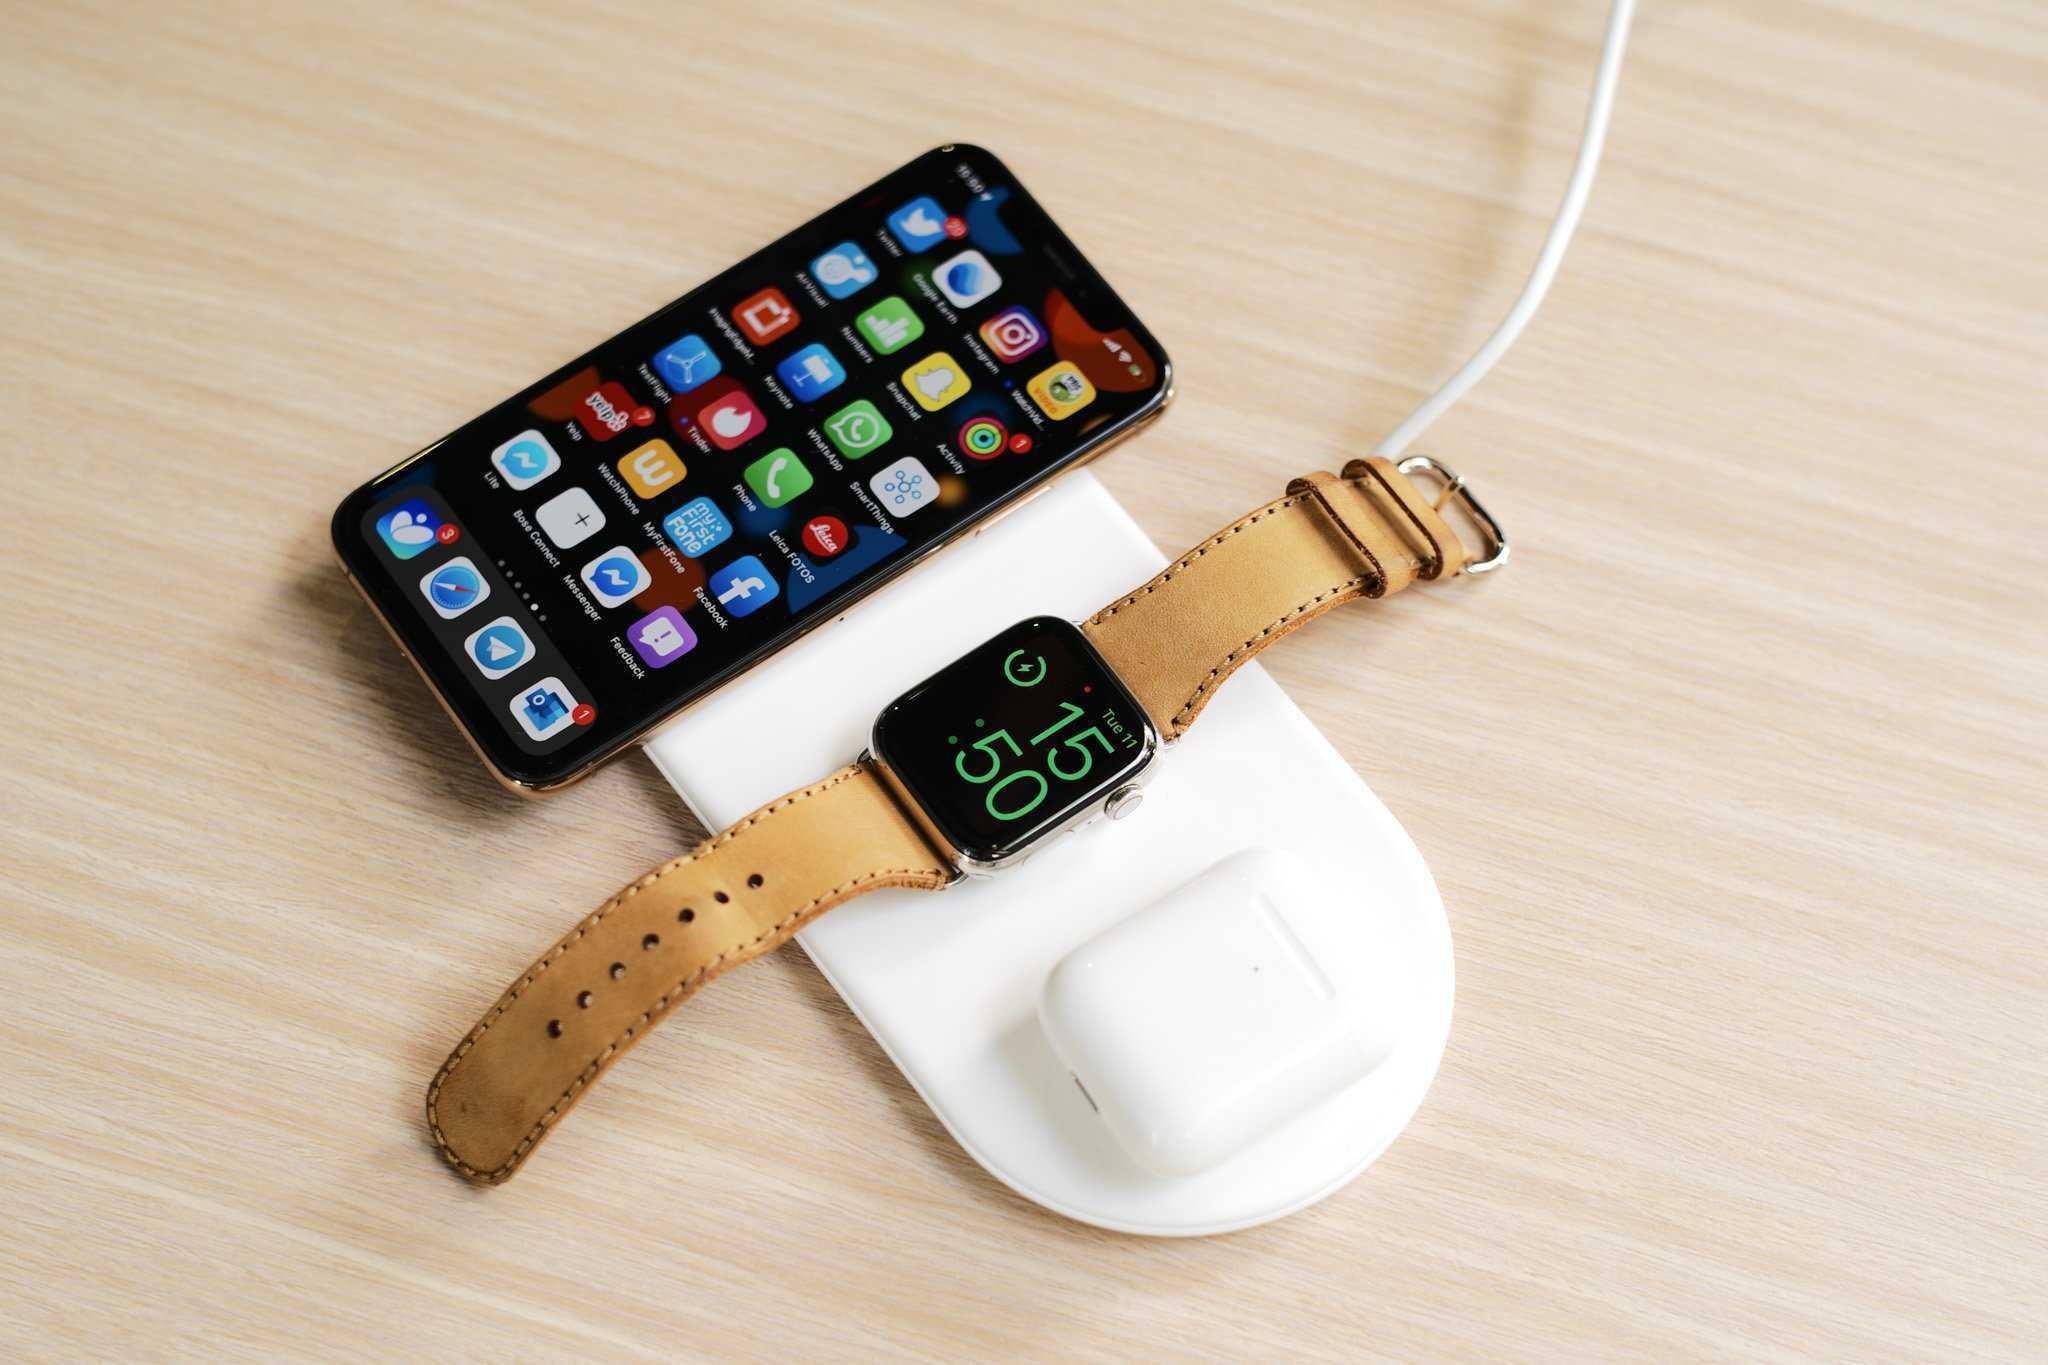 điện thoại iphone sạc không dây